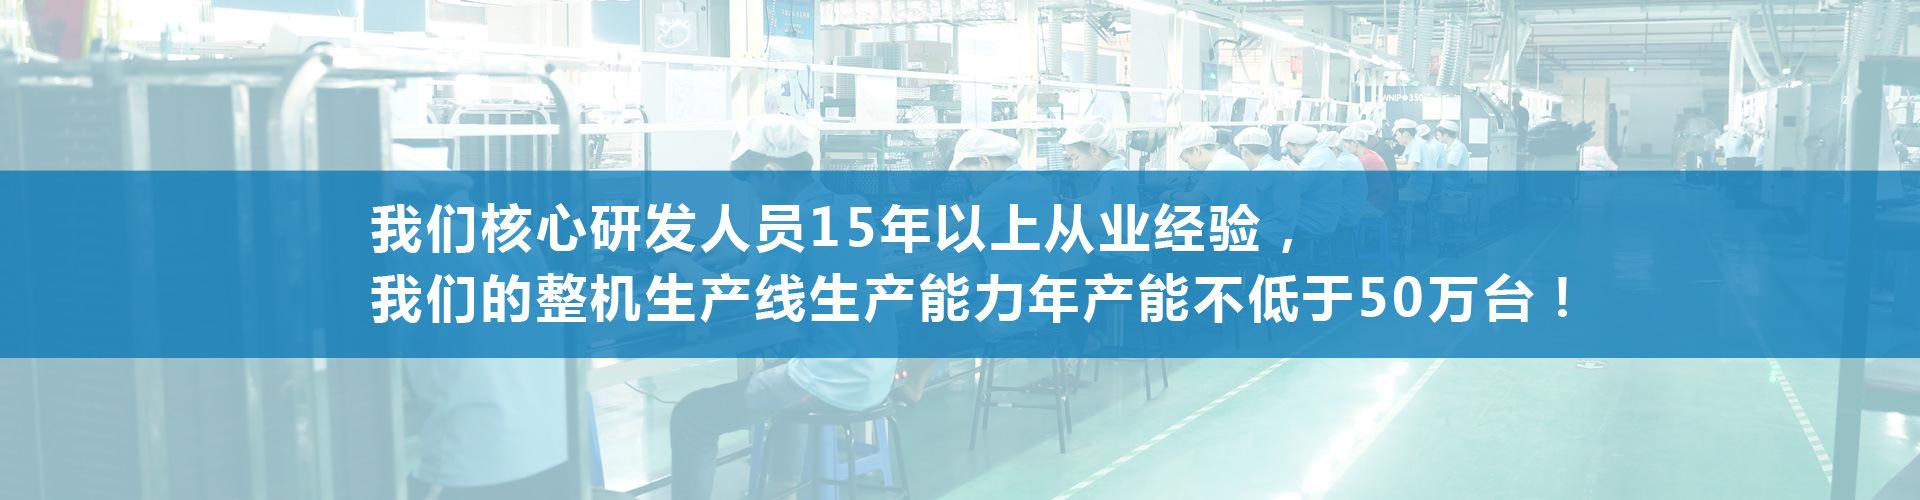 无风扇高性能工控机IPC-807A 应用于3D打印领域